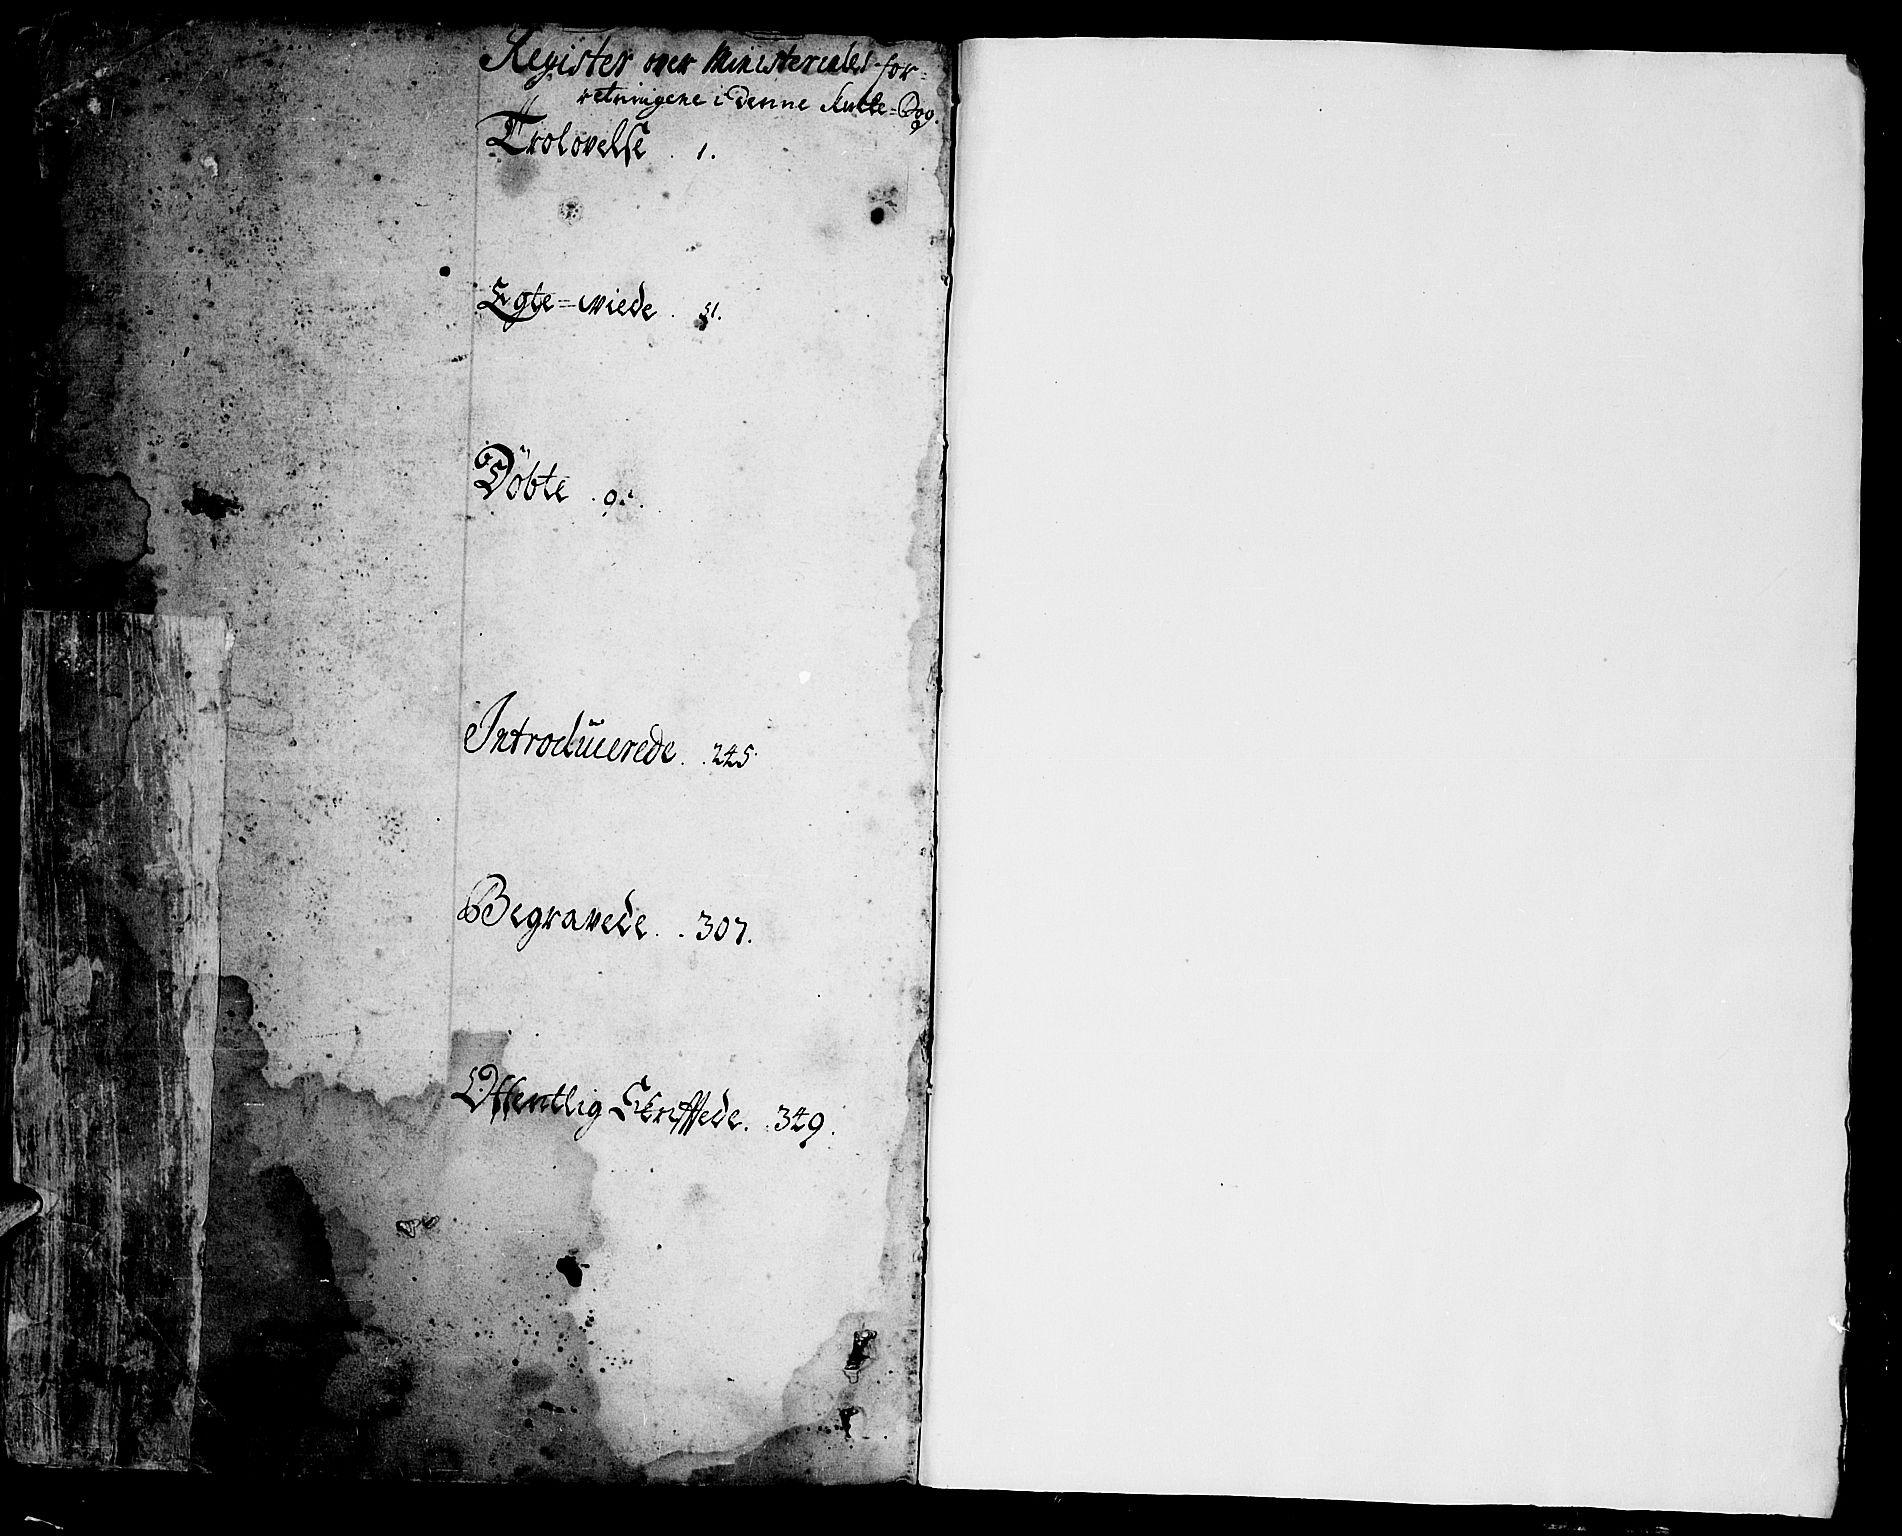 SAKO, Sannidal kirkebøker, F/Fa/L0001: Ministerialbok nr. 1, 1702-1766, s. 364-365